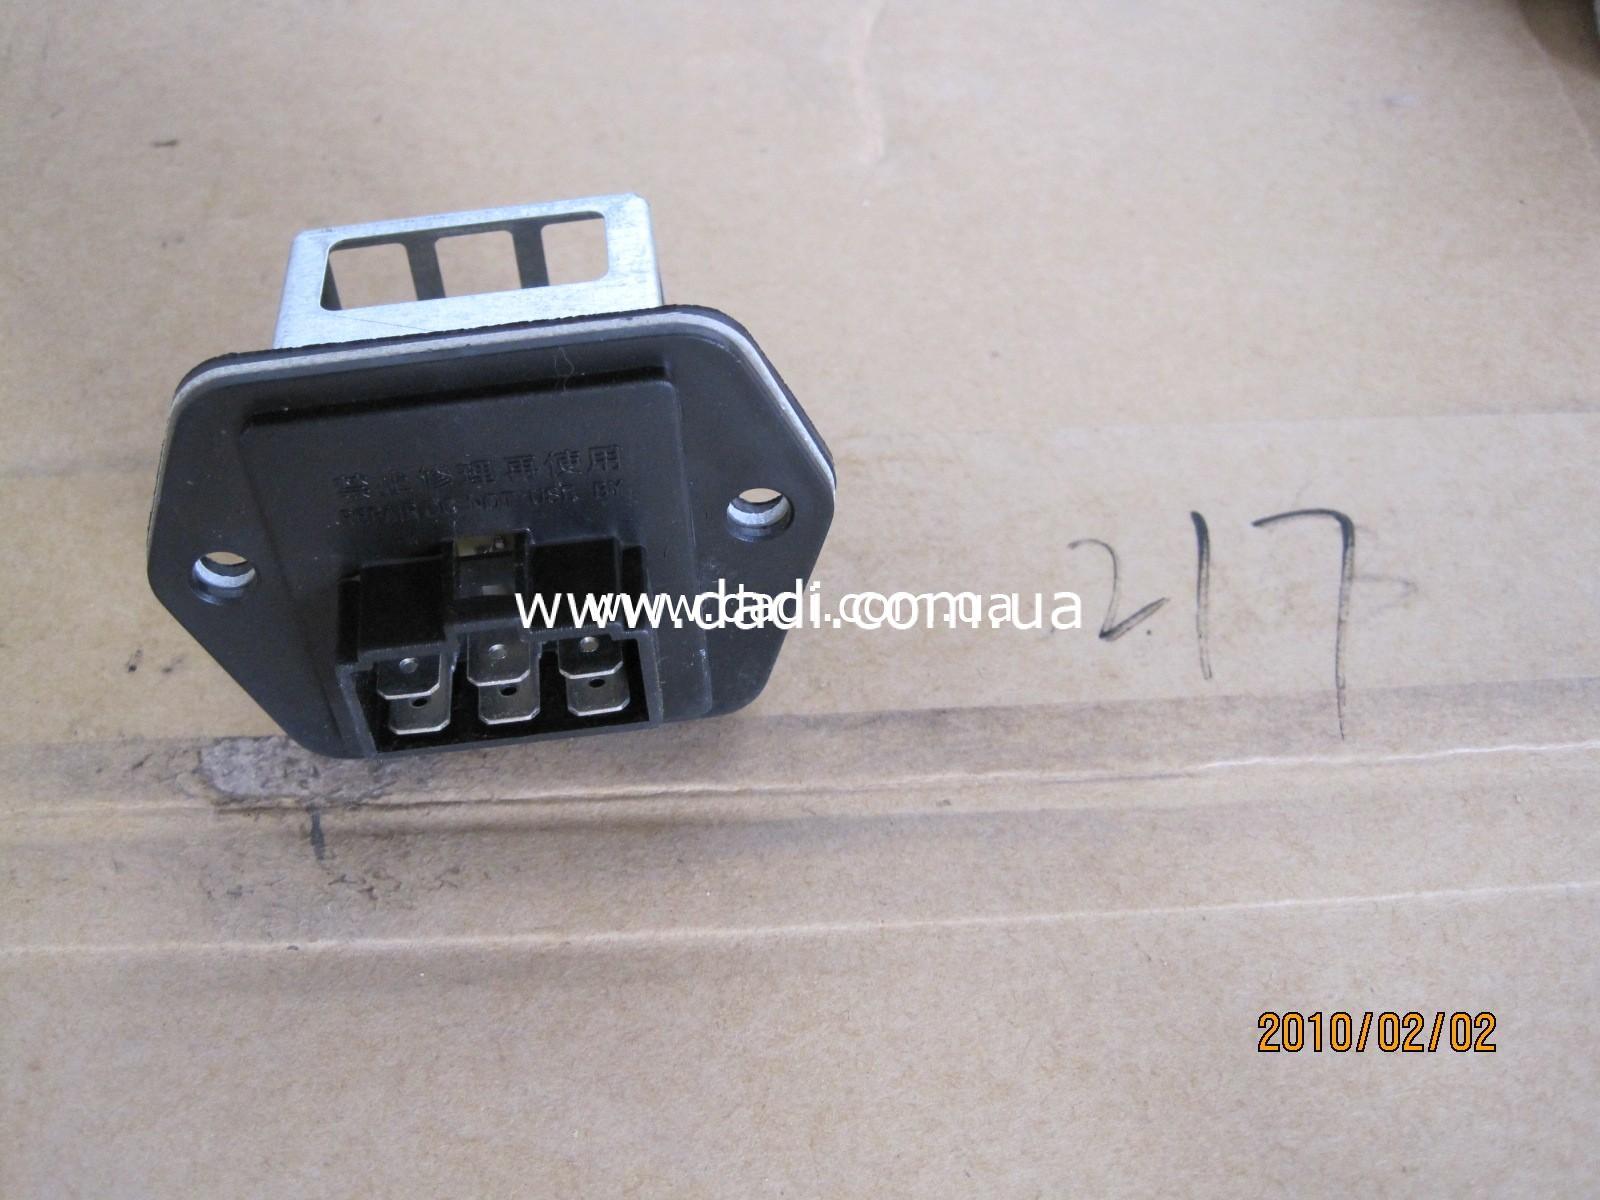 Терморегулятор обертів вентилятора обігрівача (конд.)/ терморегулятор оборотов вентилятора печки-0